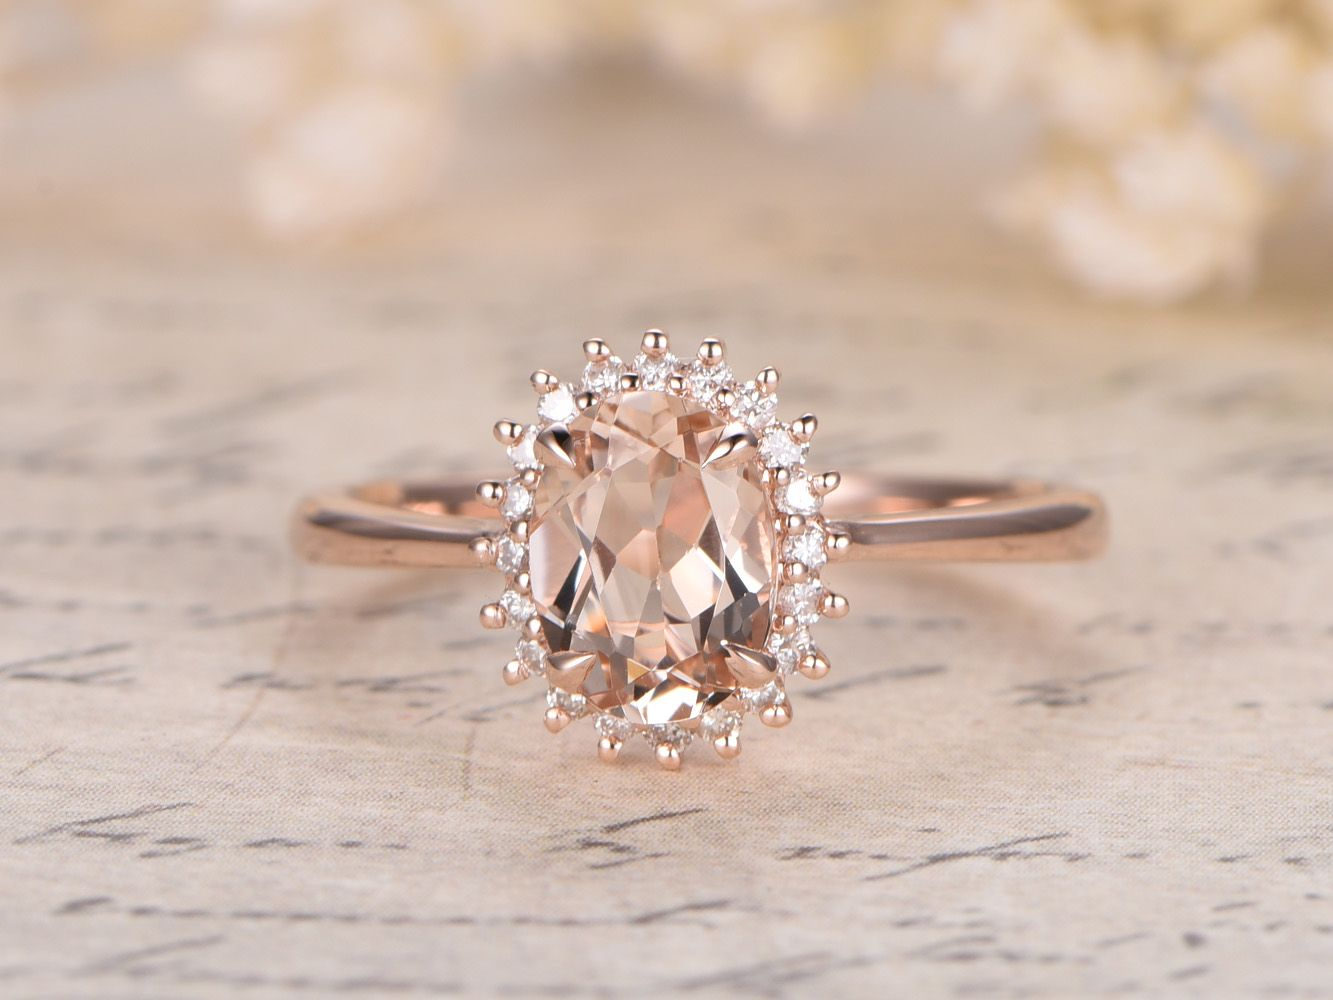 Royal Engagement Ring Kate Middleton's Ring